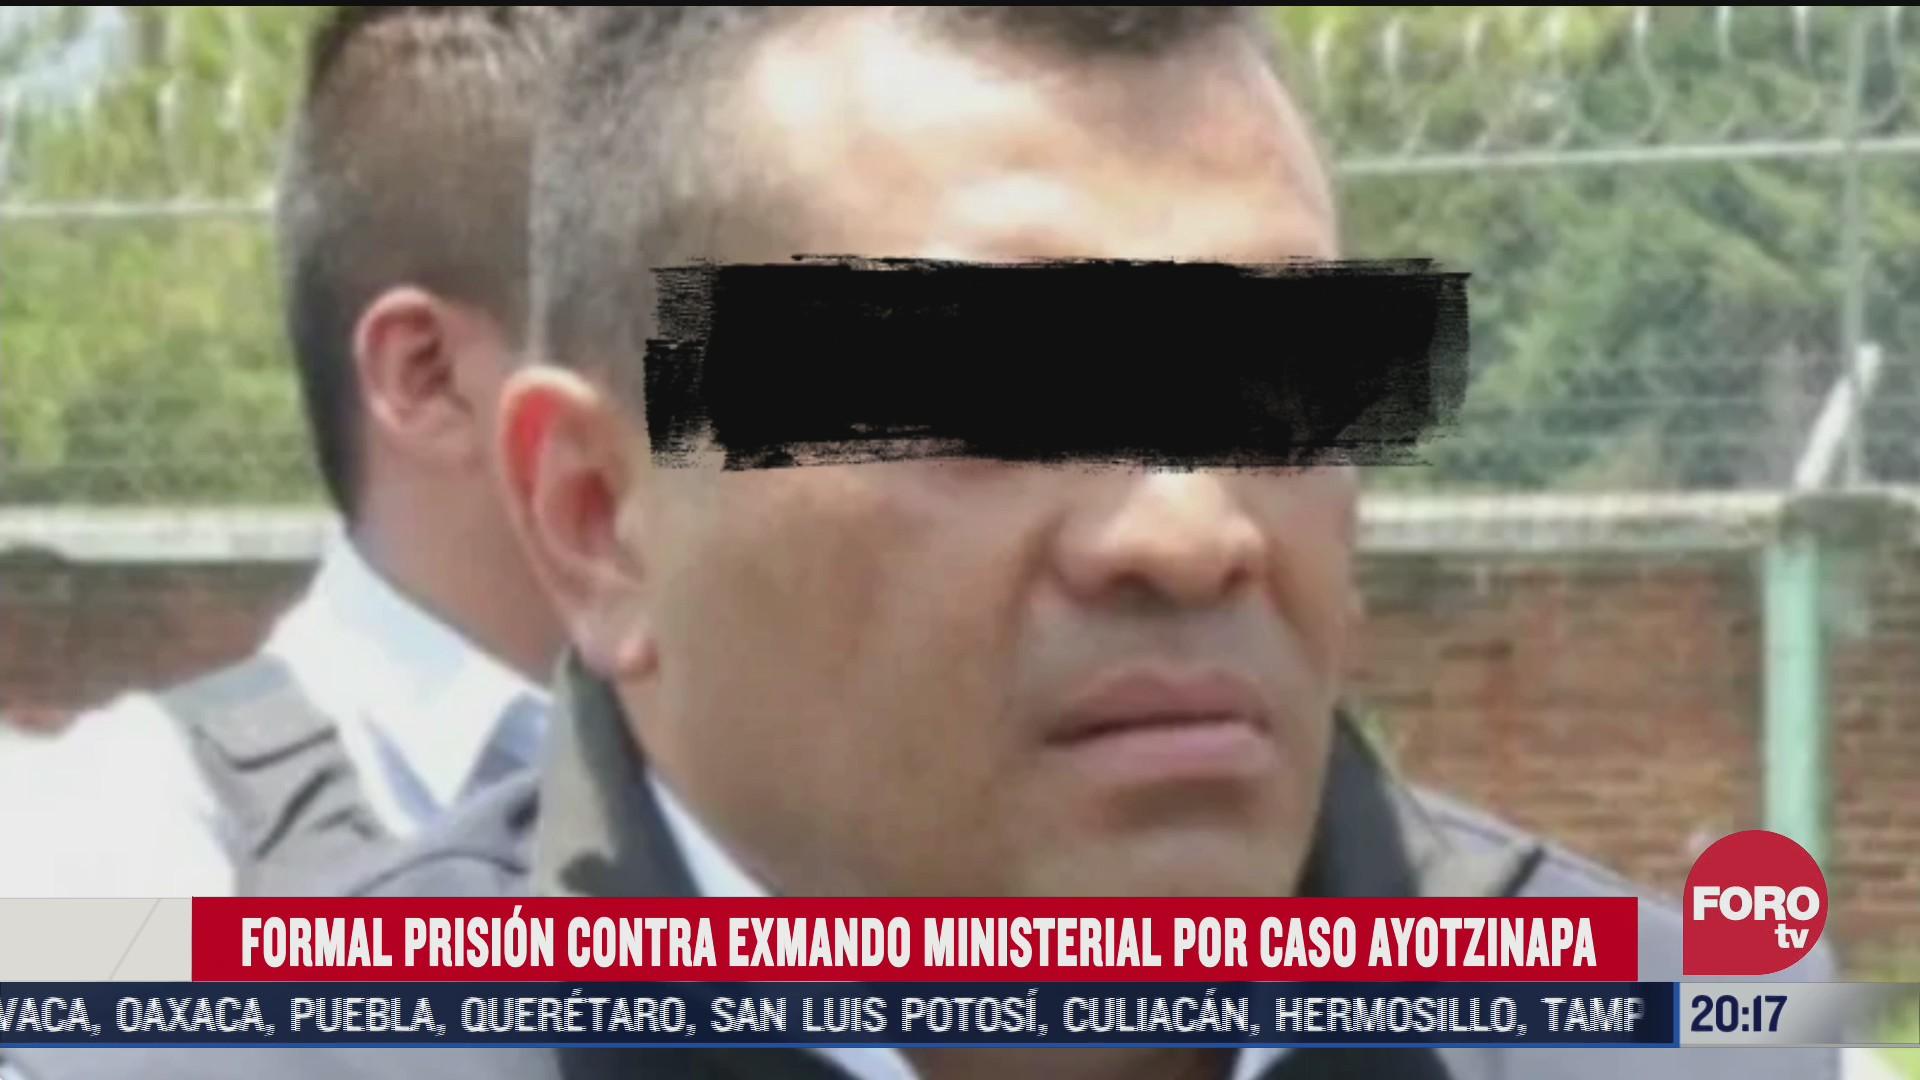 formal prision contra exmando ministerial por caso ayotzinapa